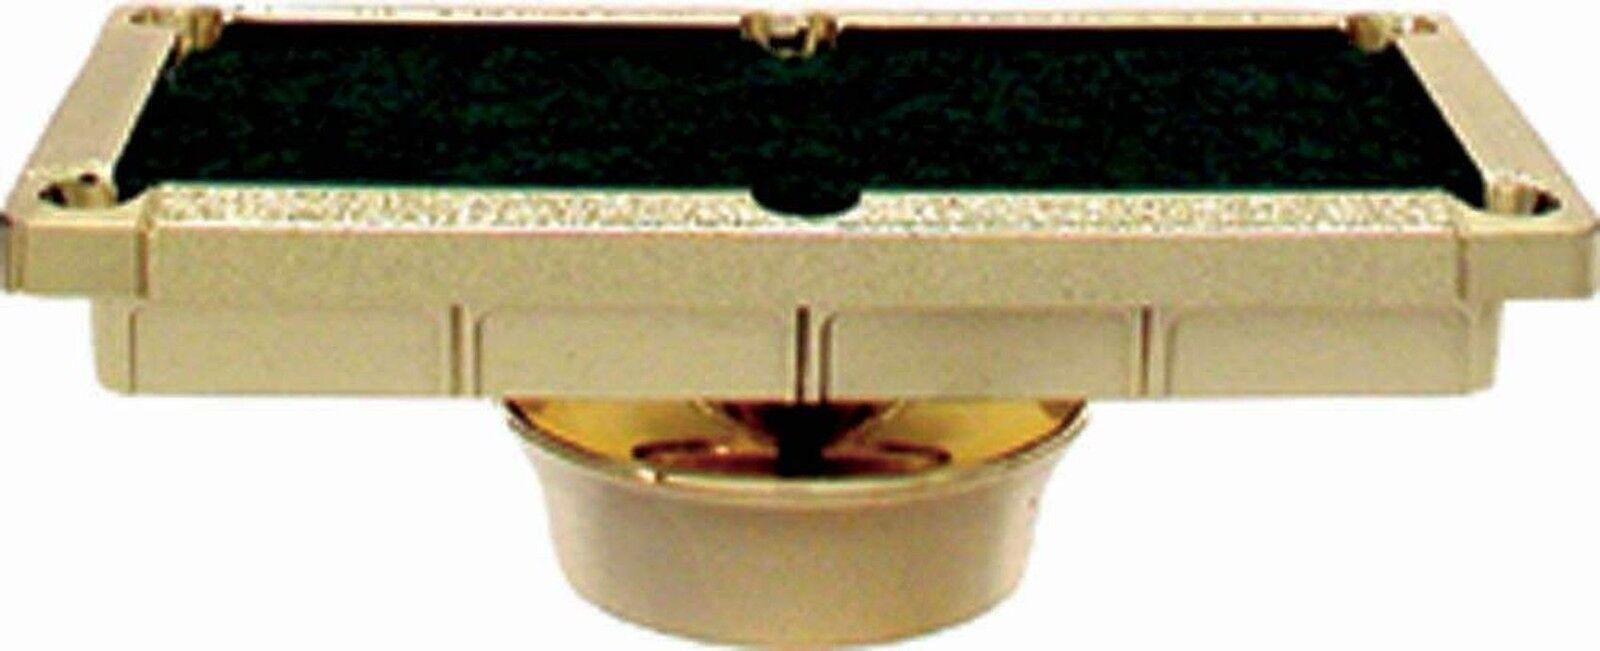 10 de billar mesa figuras trofeos con mármol zócalo 3d (trofeo medallas torneo)